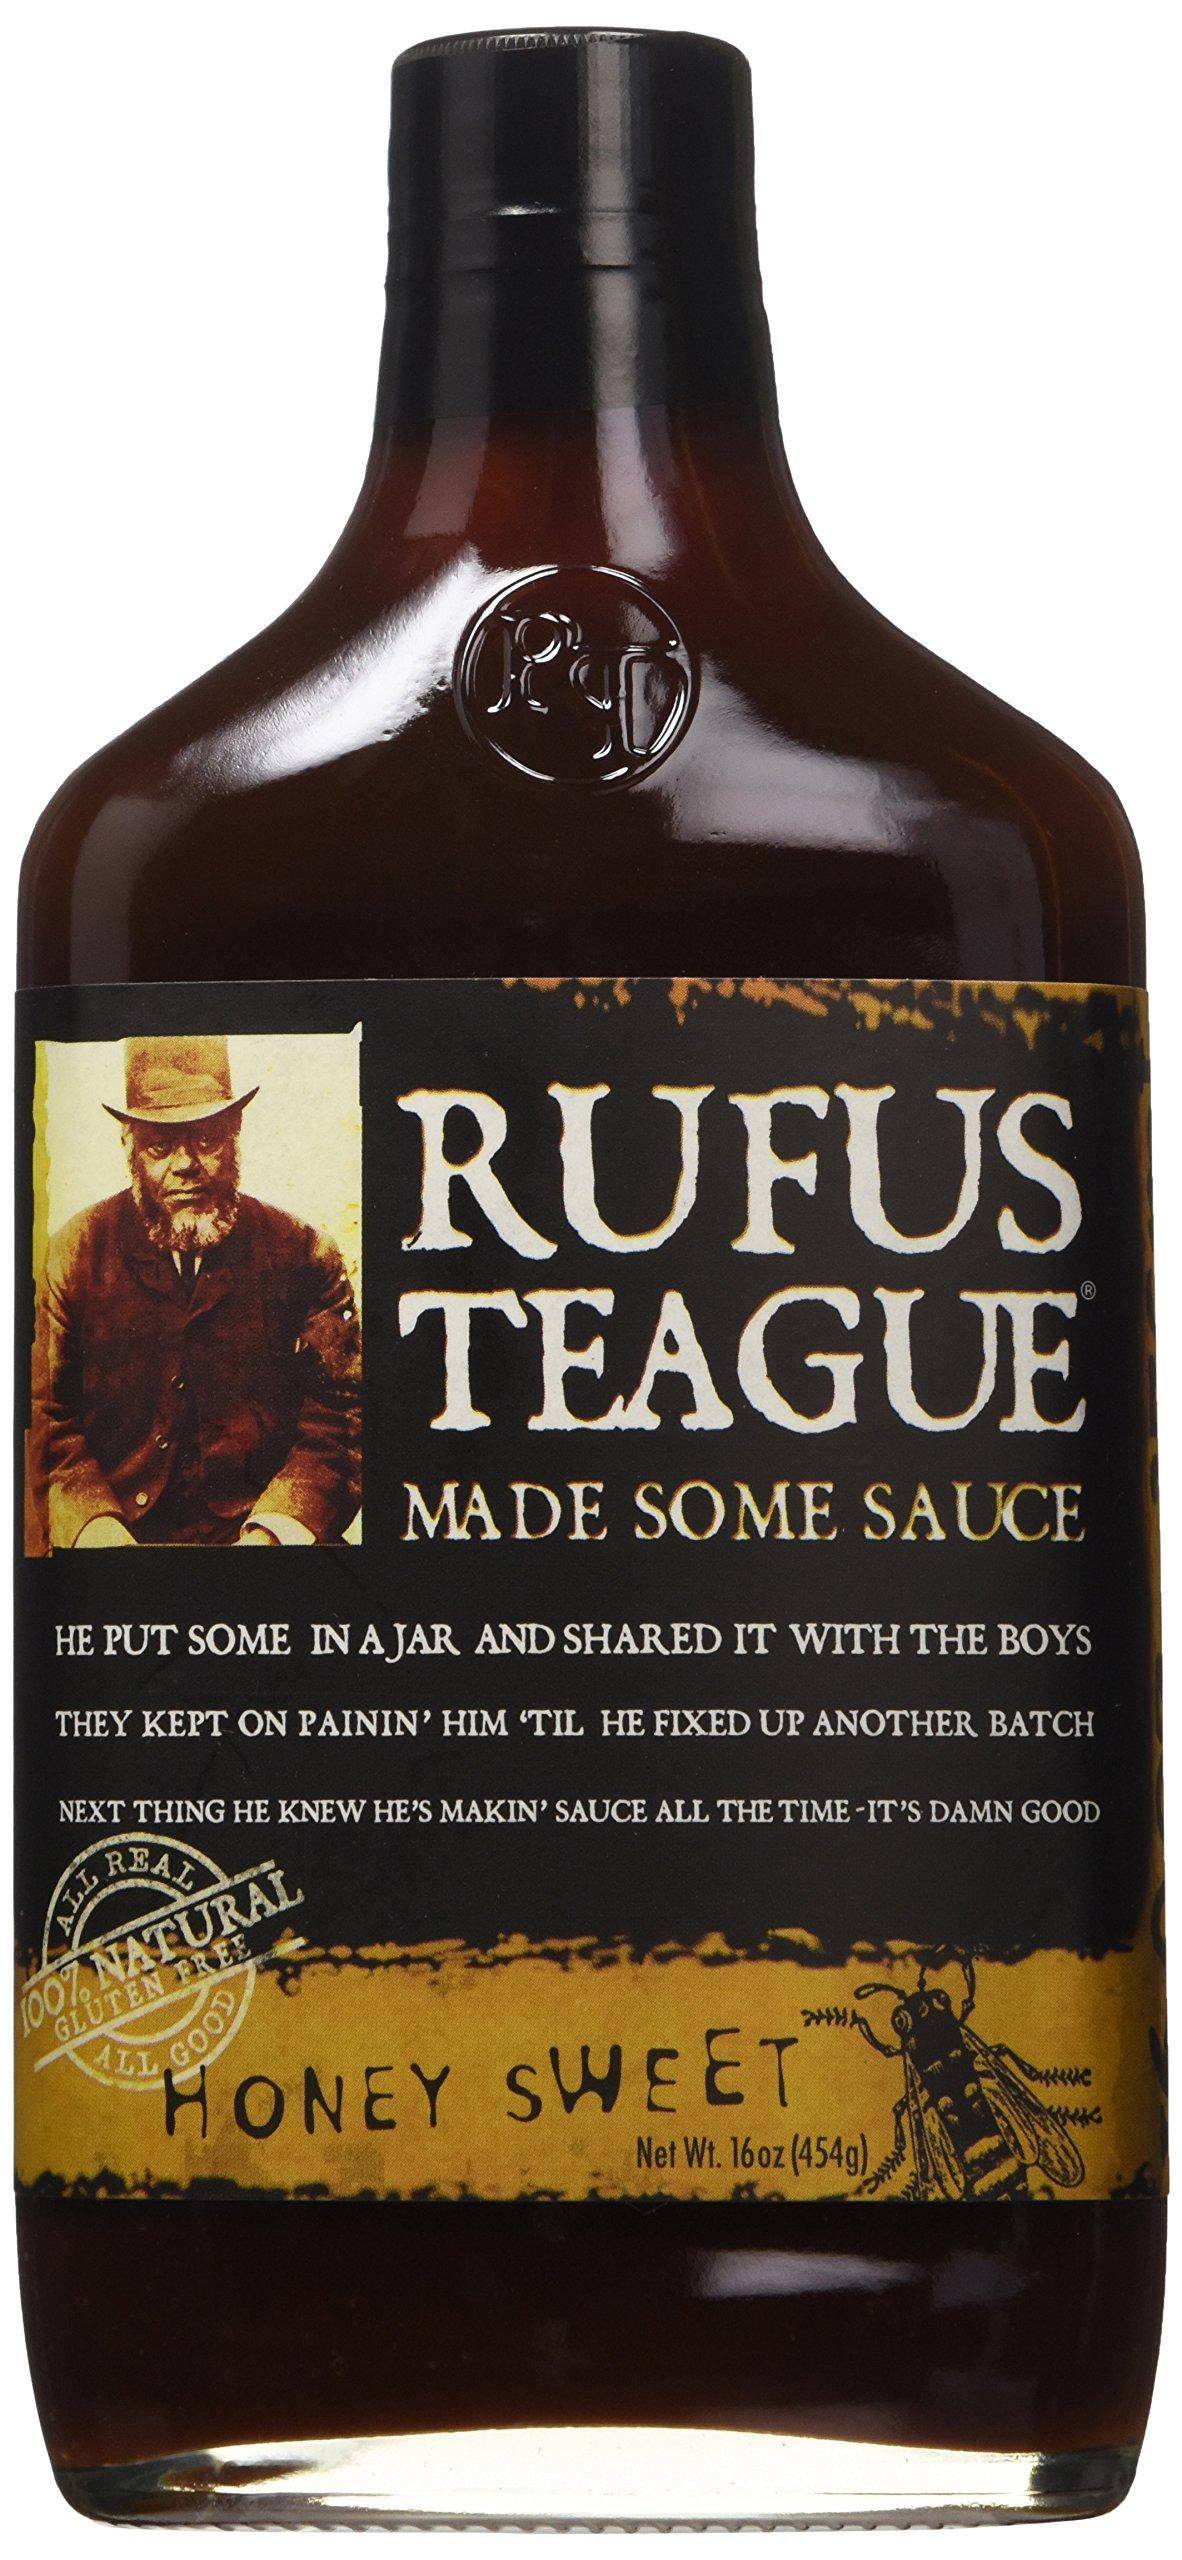 Rufus Teague Honey Sweet BBQ Sauce, 16 oz(454g)